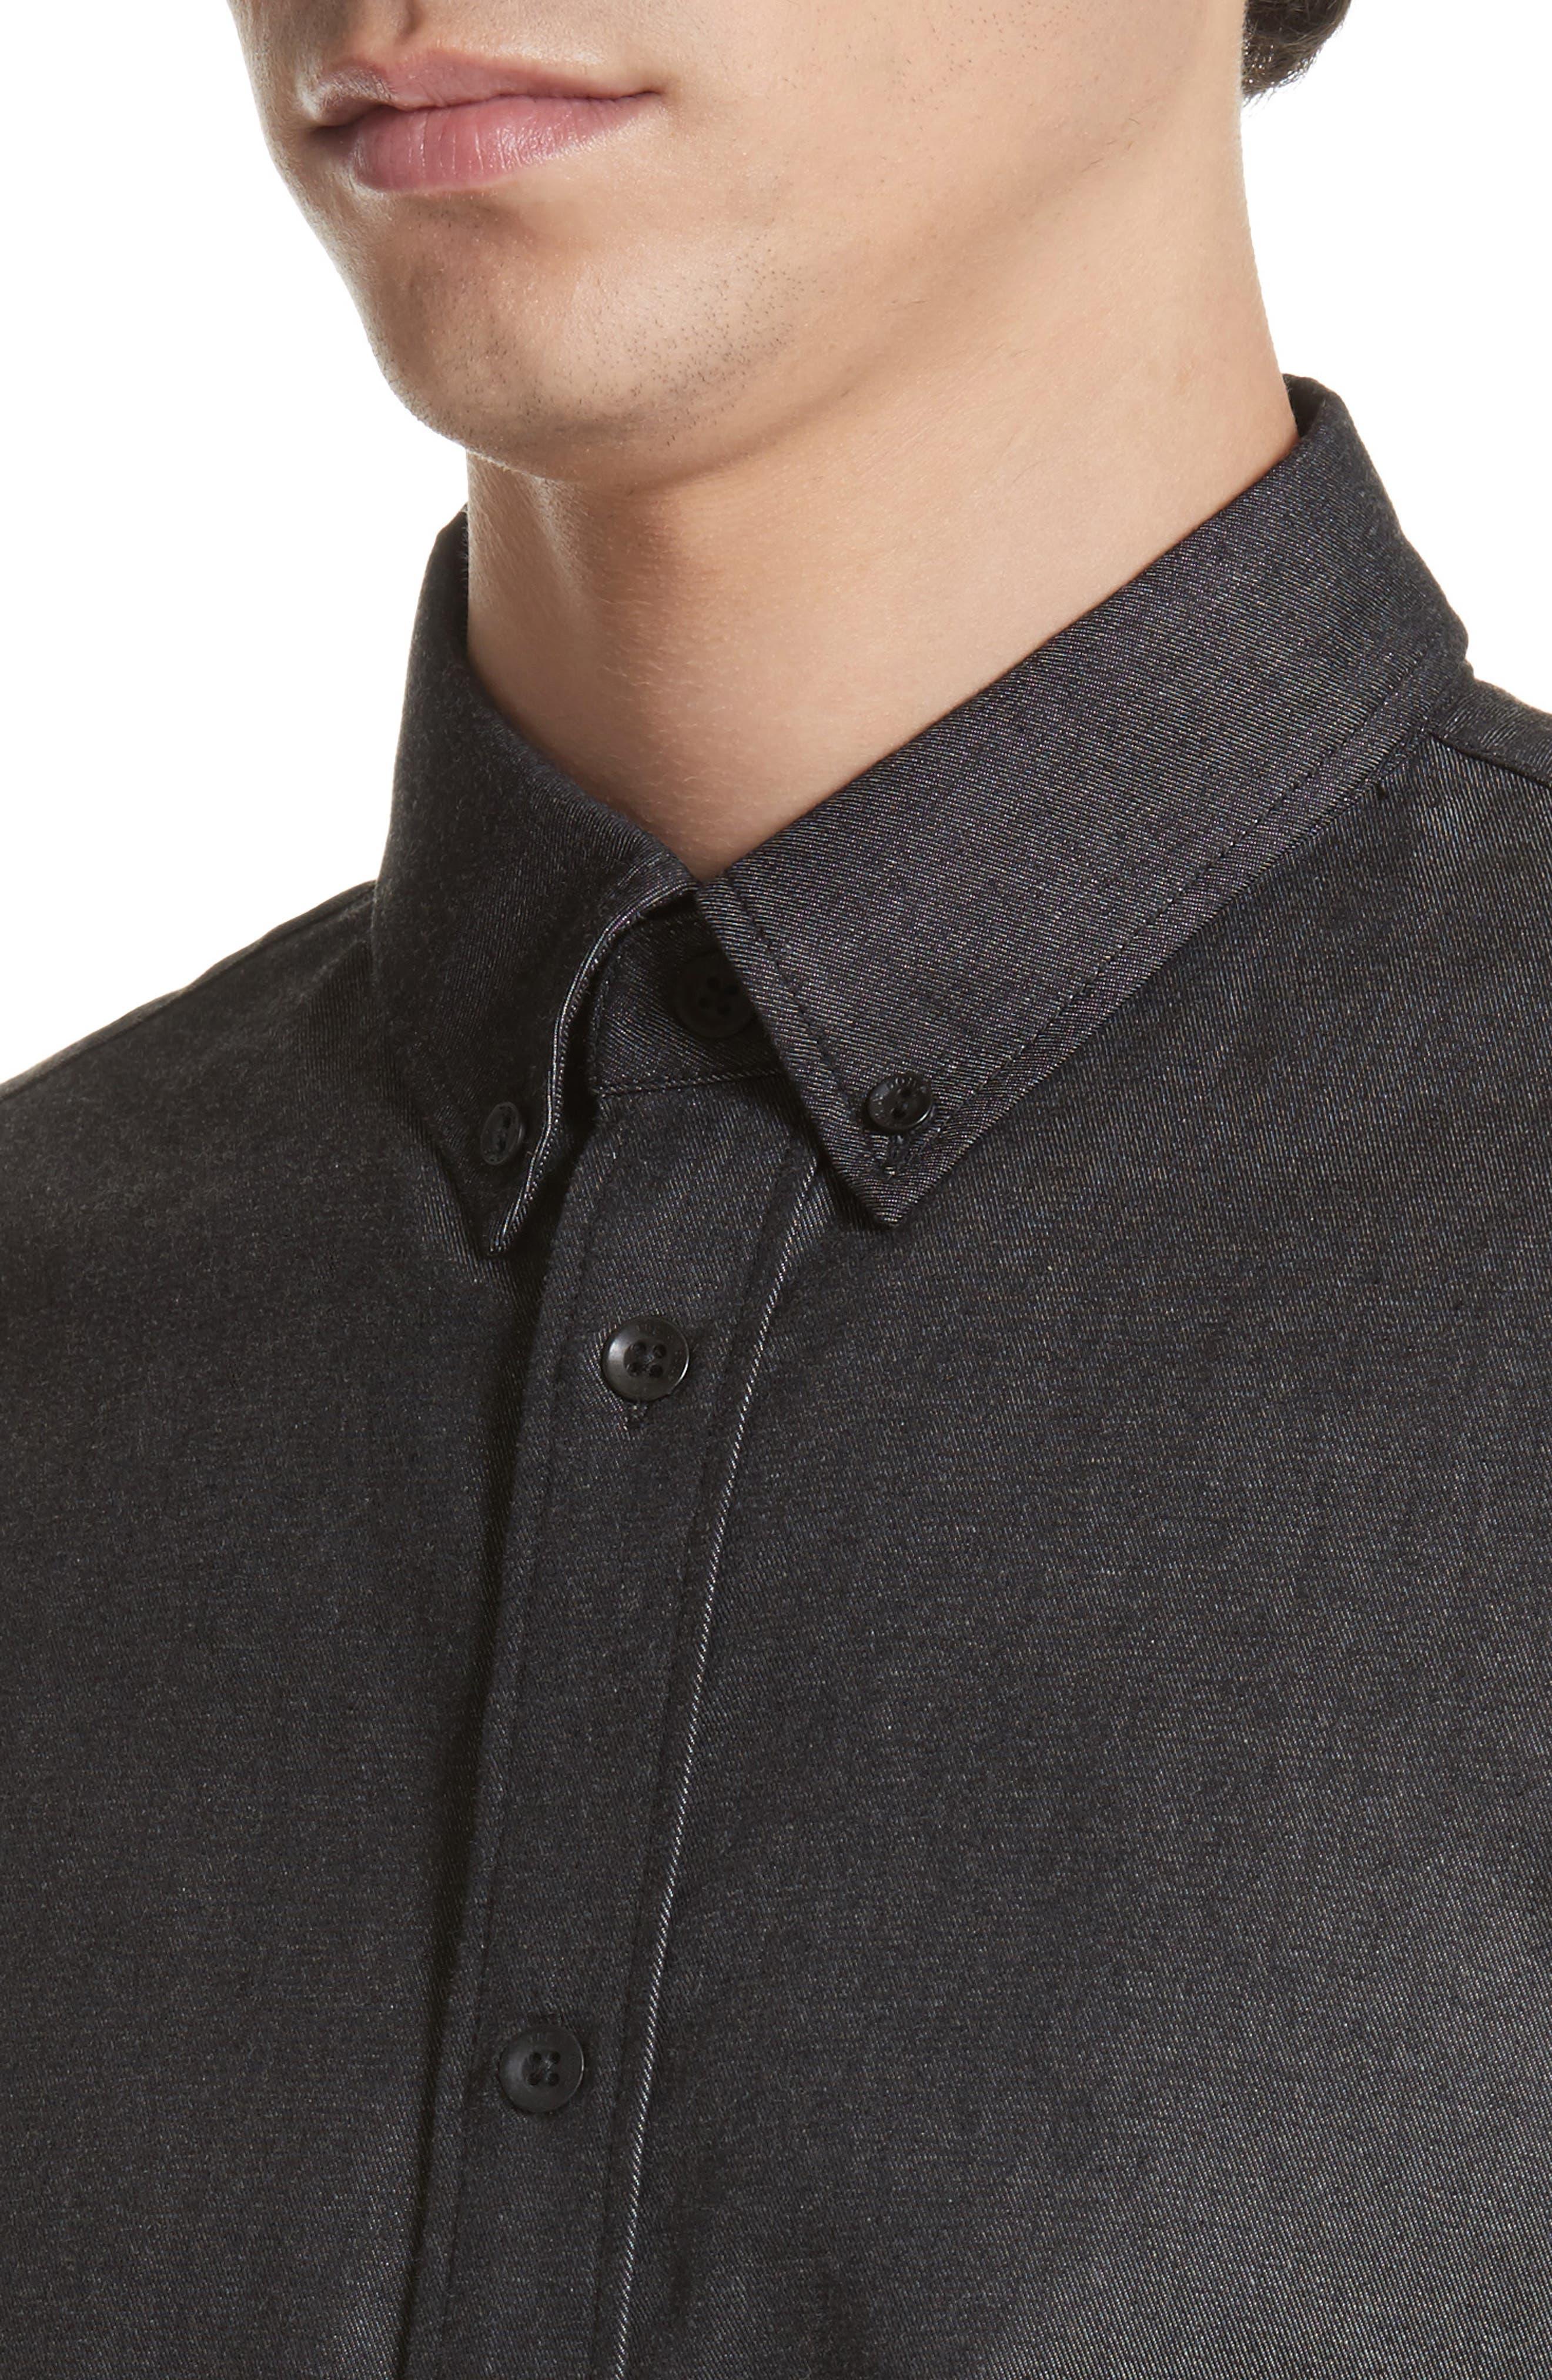 Fit 2 Tomlin Shirt,                             Alternate thumbnail 2, color,                             Black